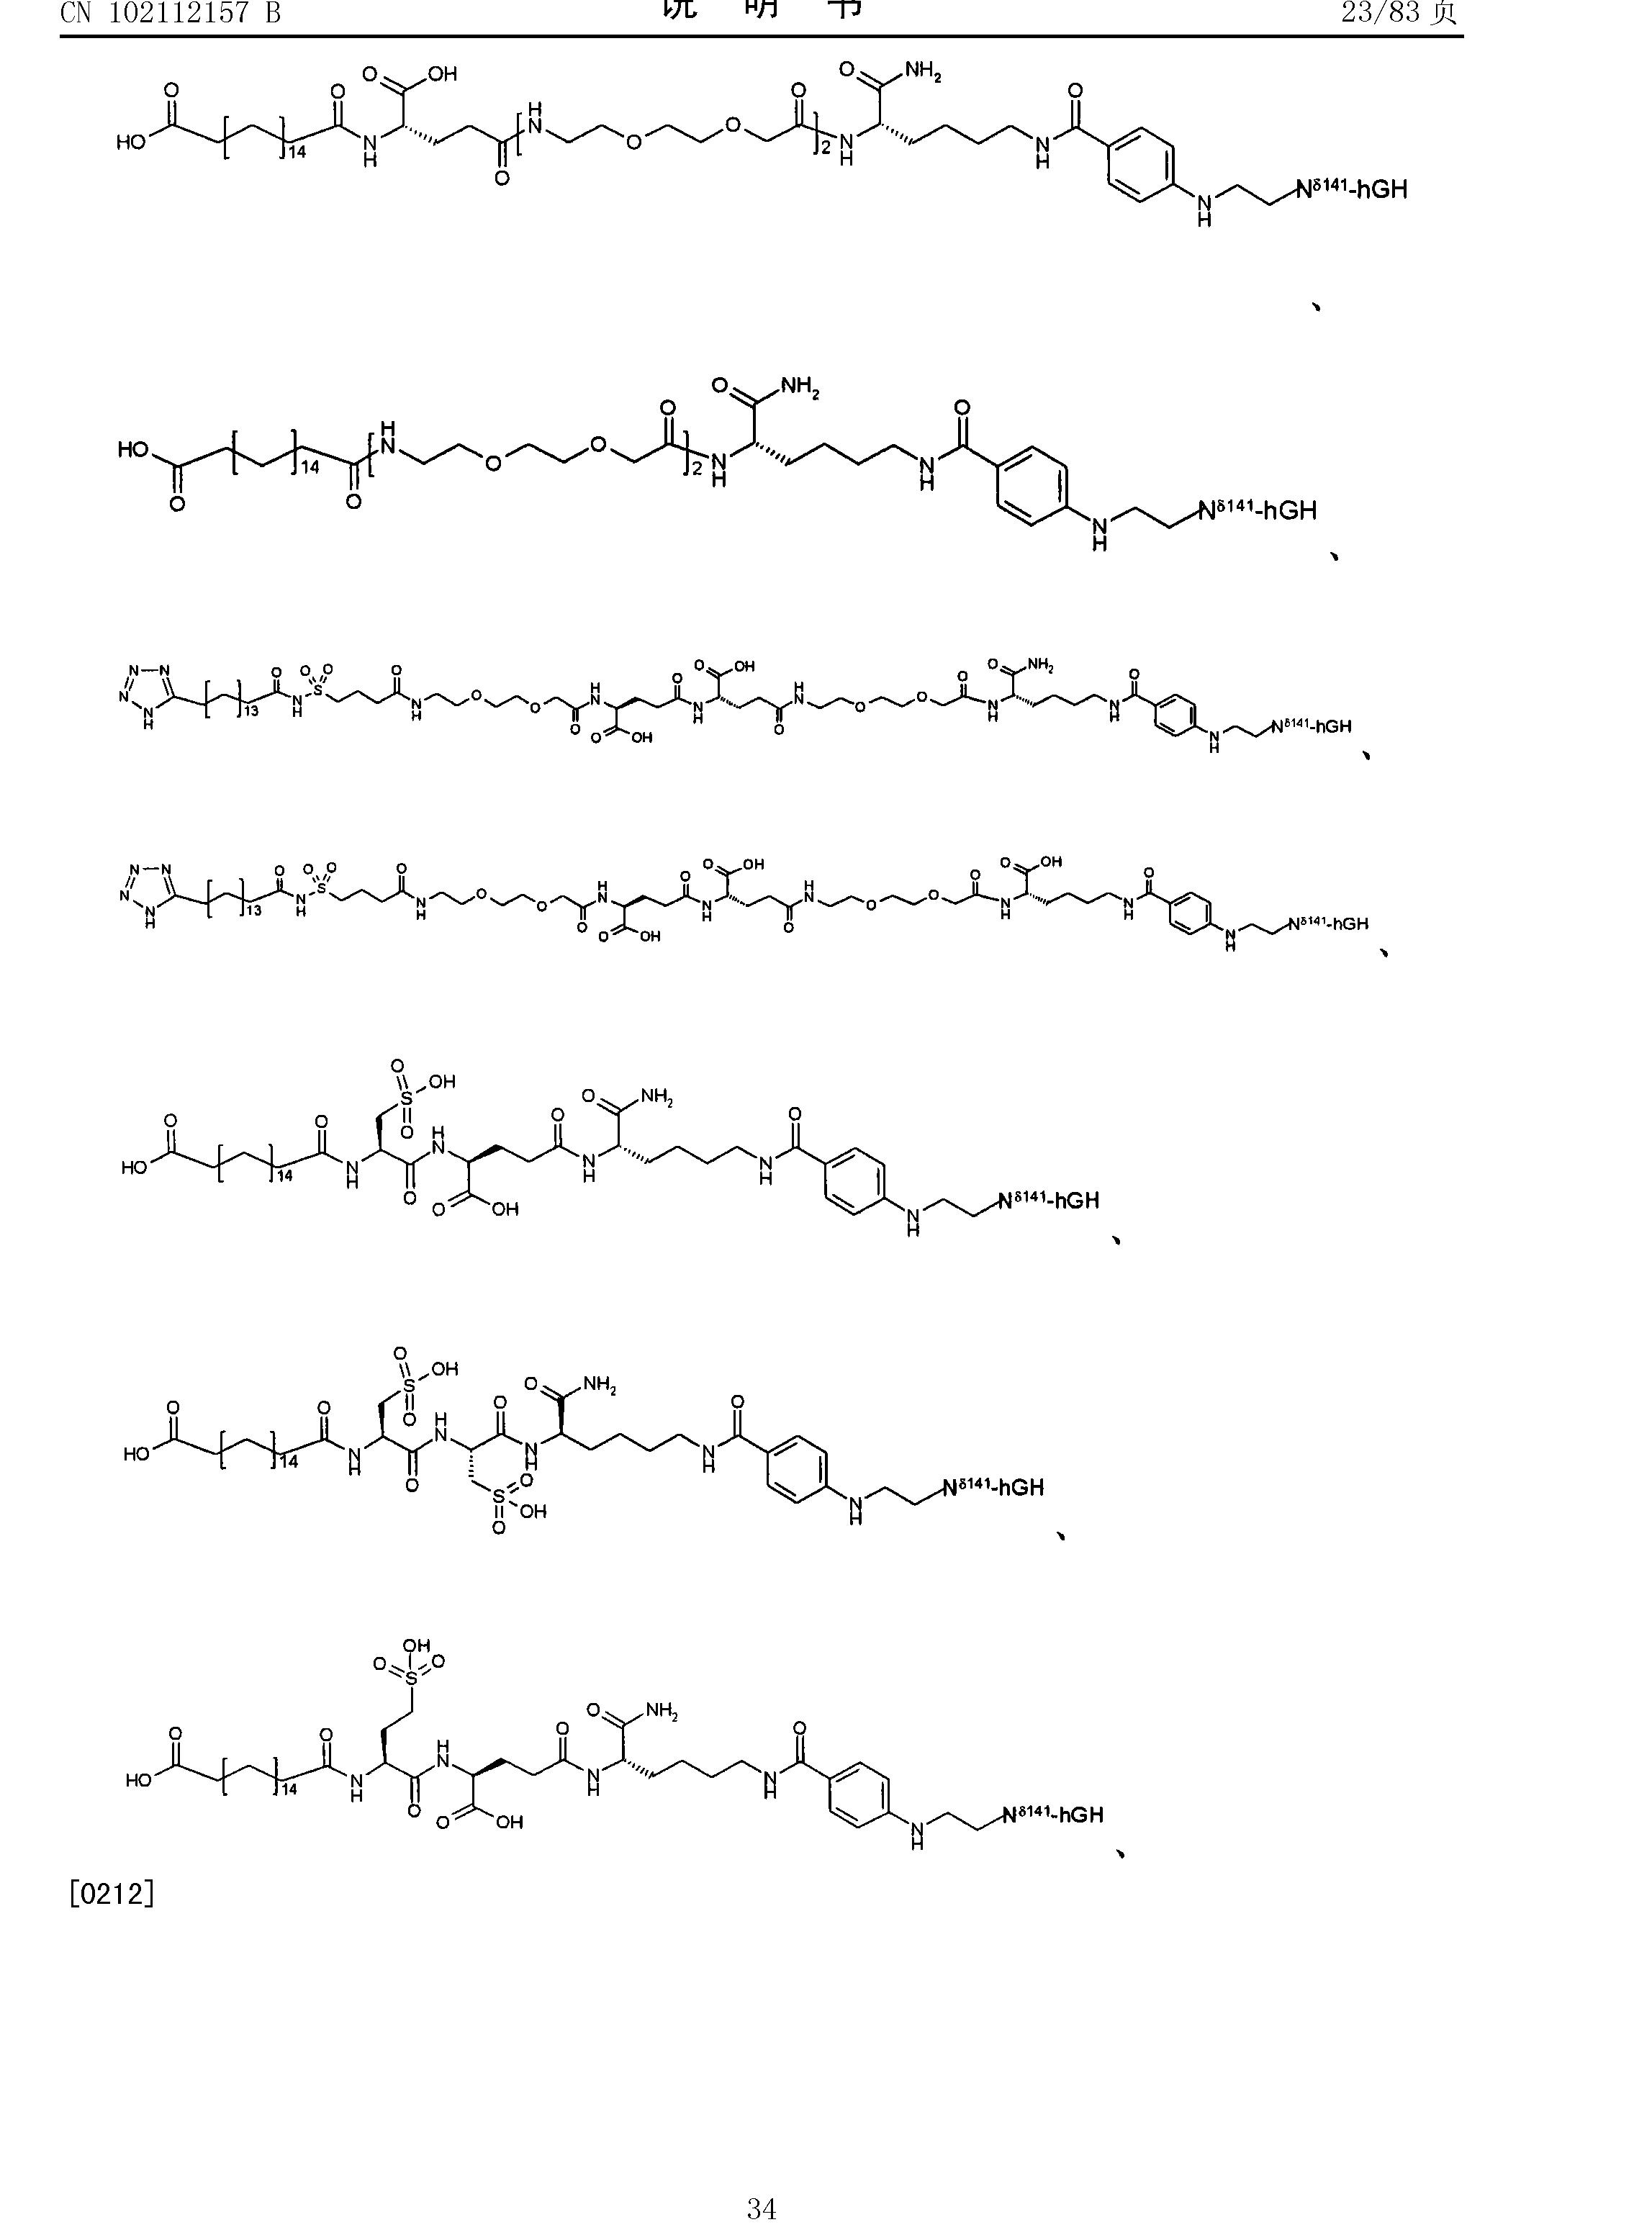 Figure CN102112157BD00341